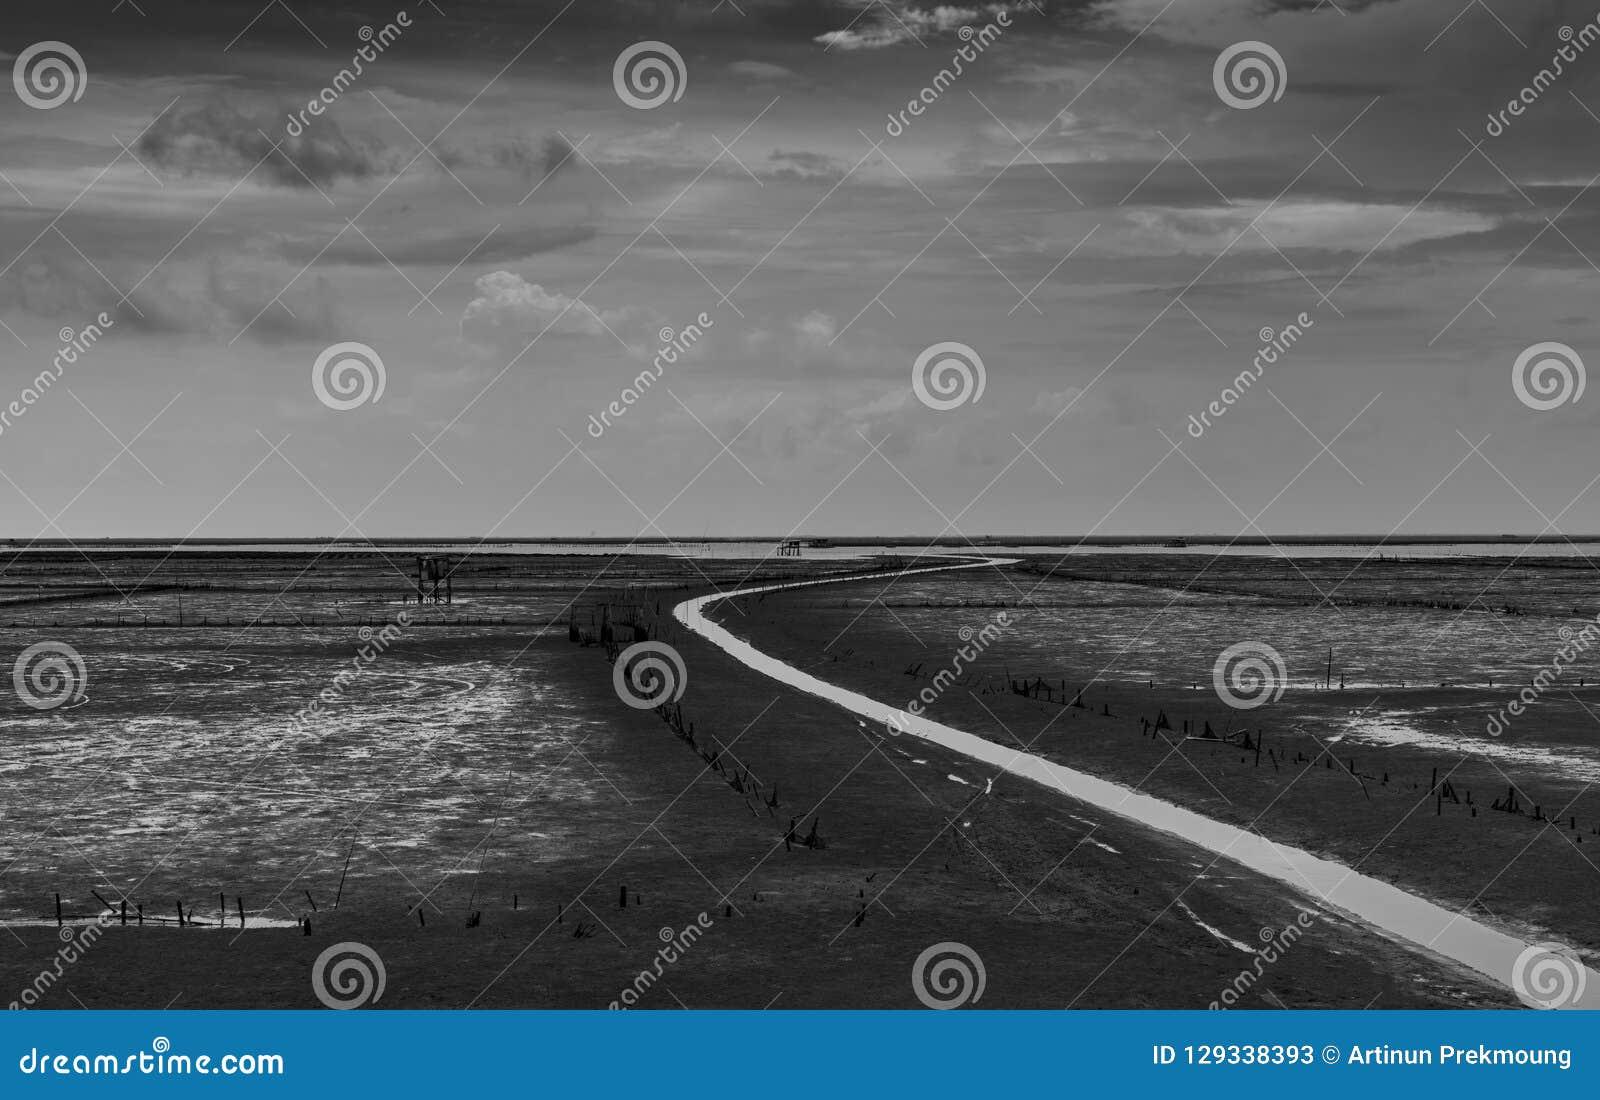 El paisaje del mar en la marea y las nubes grises del cielo y blancas a lo largo de la bobina riegan el canal Plano de fango en l